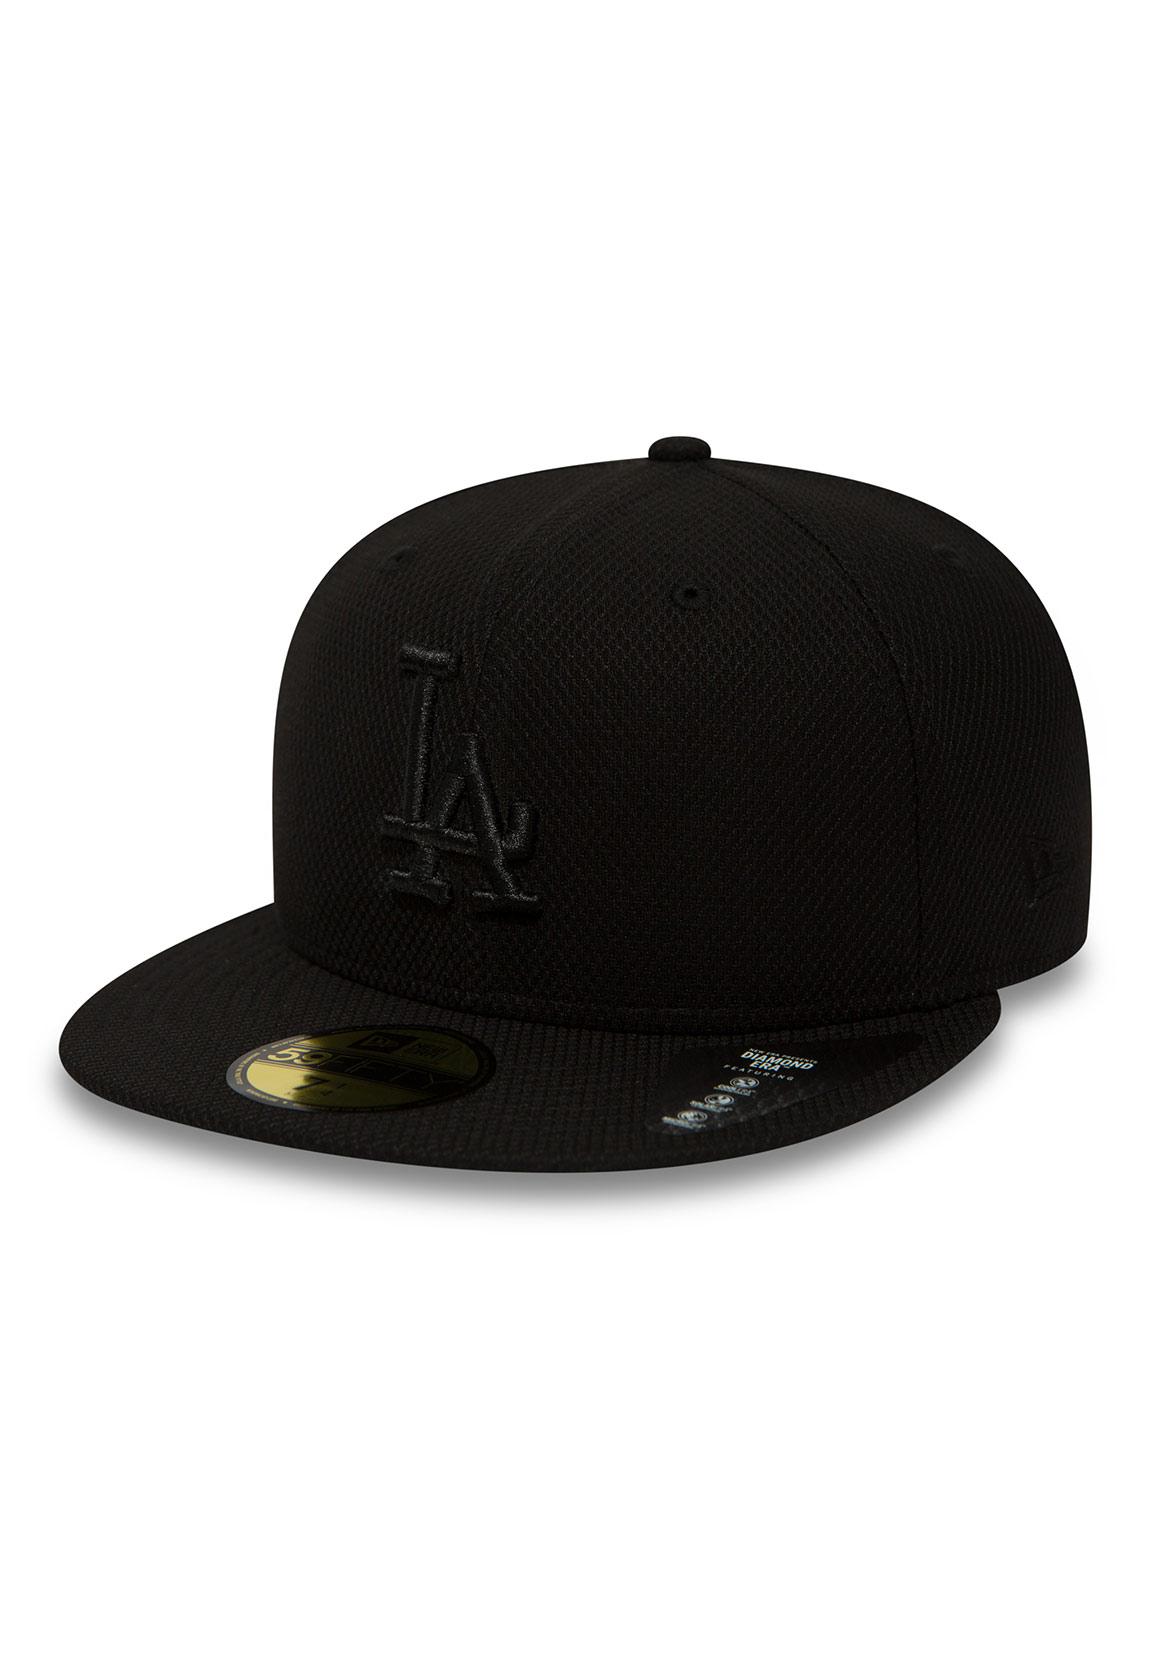 75ca8084230 New Era Diamond Era 59Fifty Cap La Dodgers Black Black